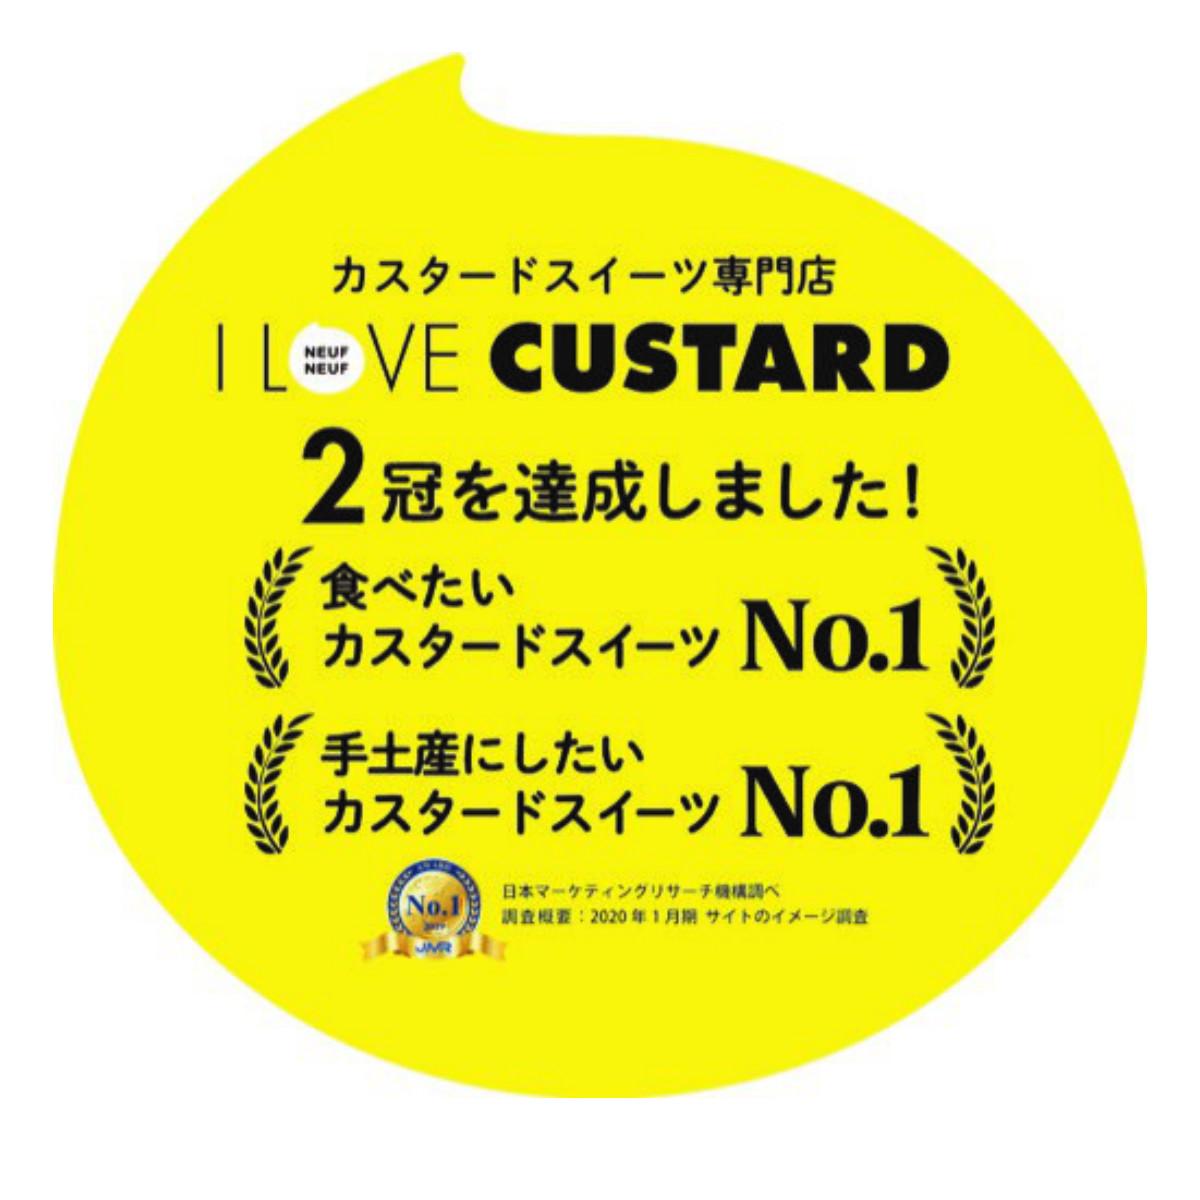 カスタードクッキー32枚入り(福岡便)